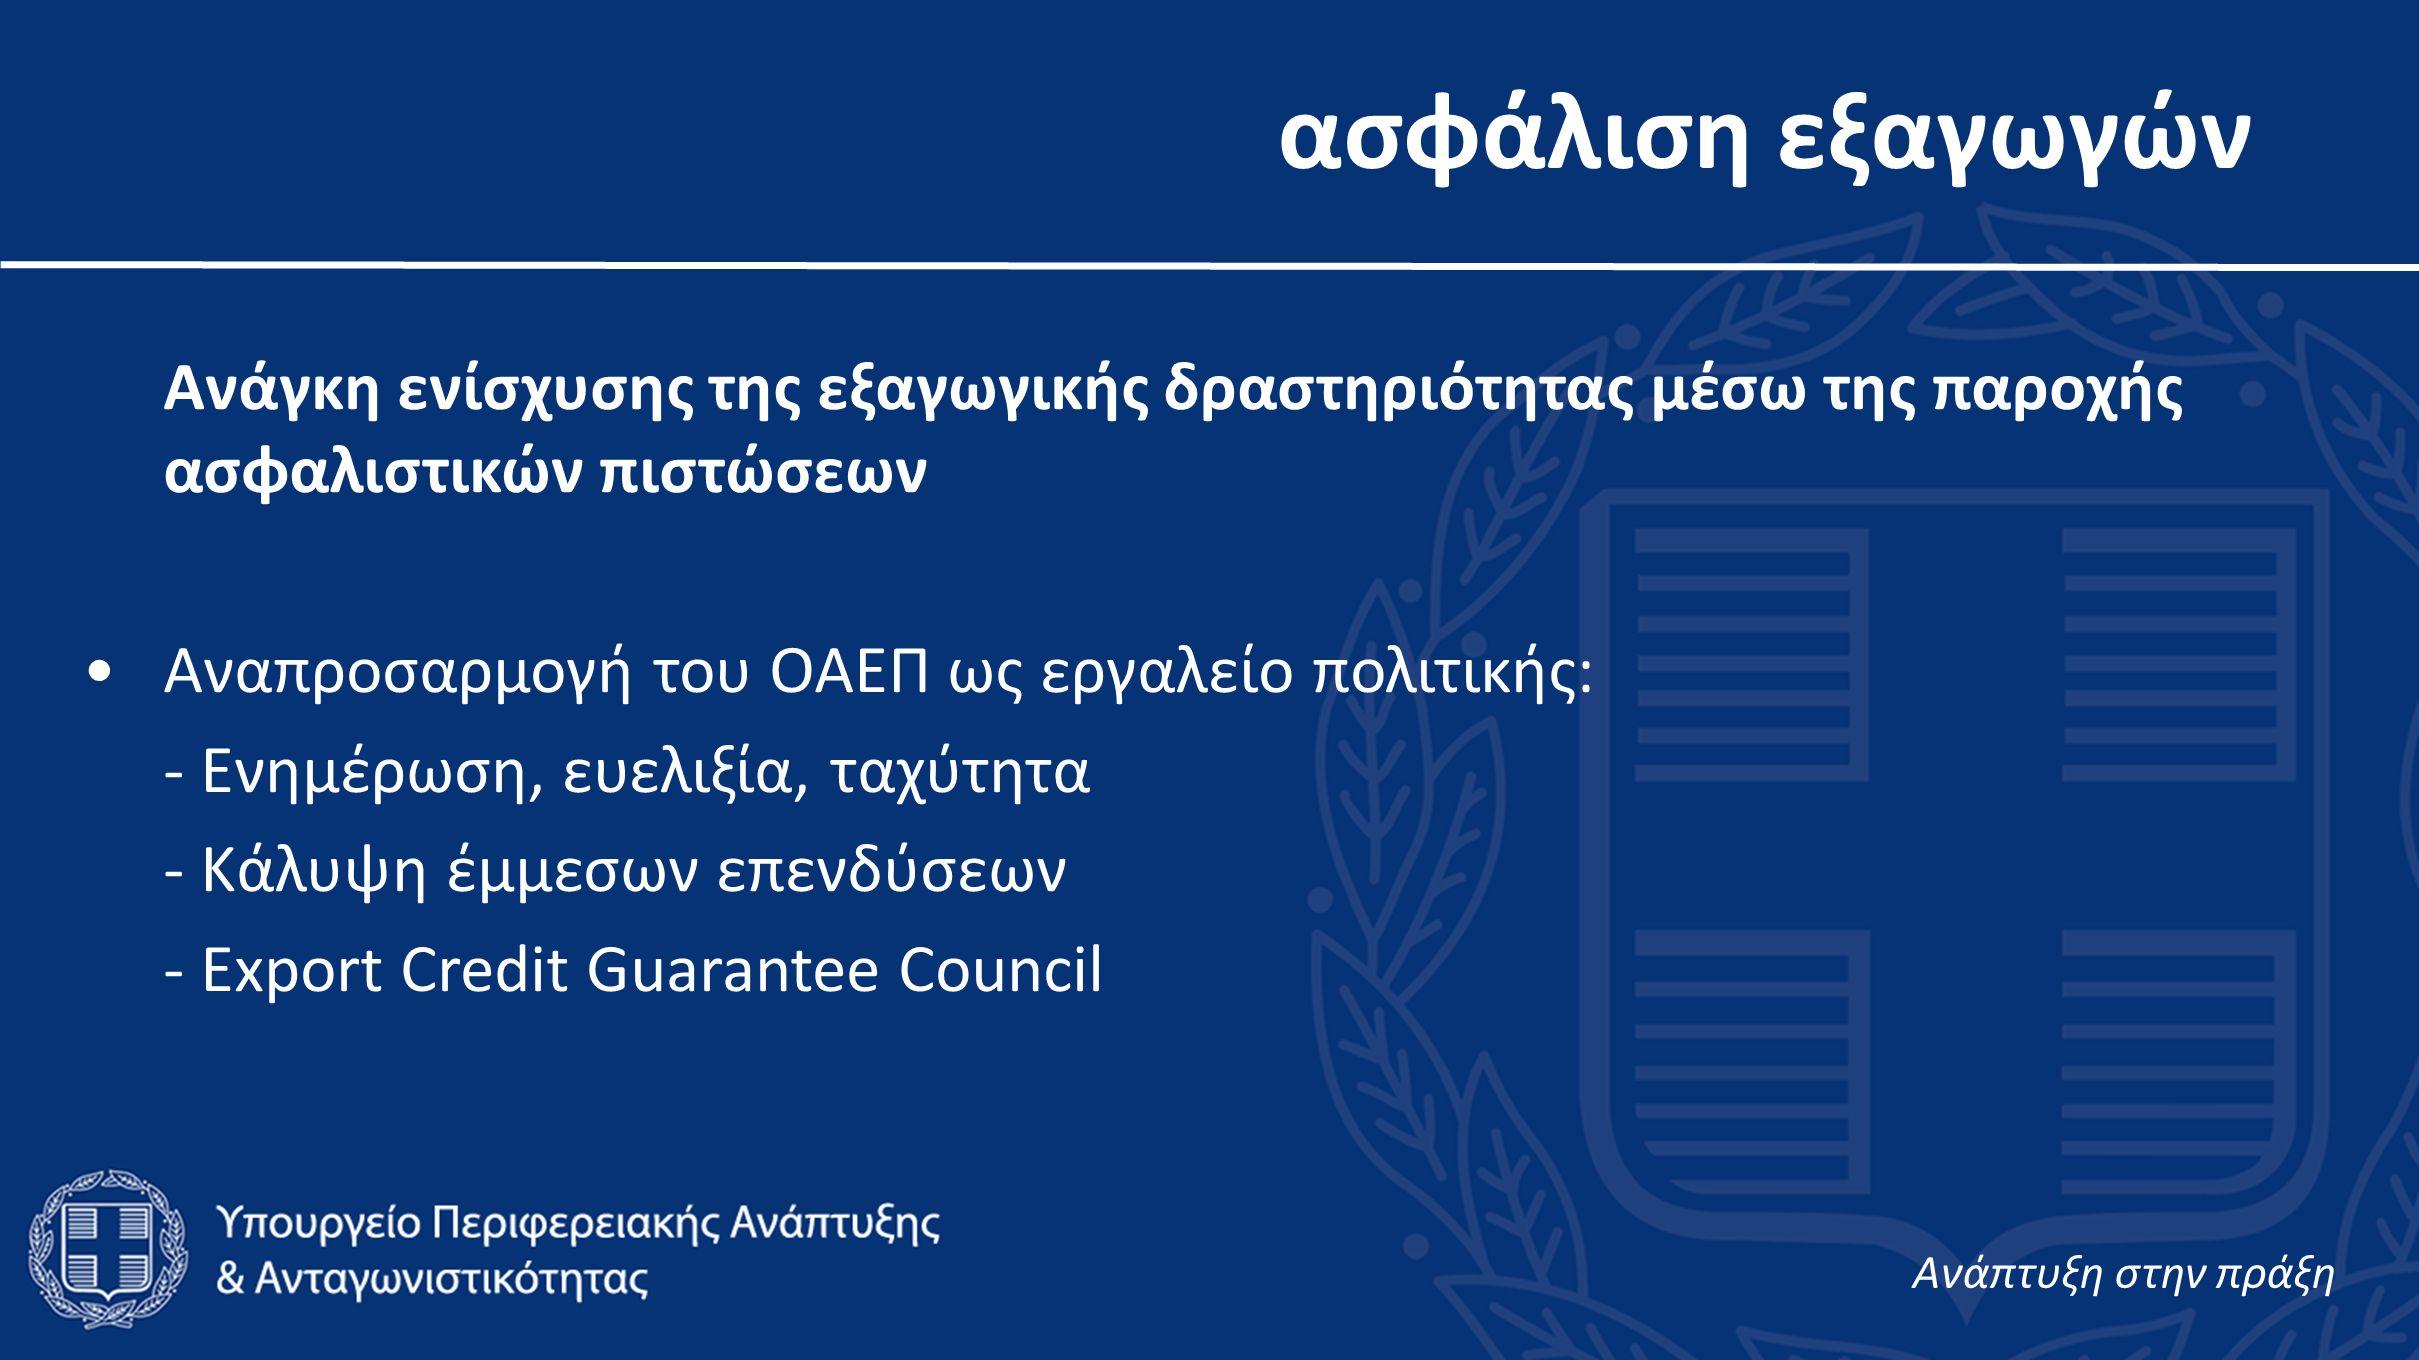 ασφάλιση εξαγωγών Ανάγκη ενίσχυσης της εξαγωγικής δραστηριότητας μέσω της παροχής ασφαλιστικών πιστώσεων •Αναπροσαρμογή του ΟΑΕΠ ως εργαλείο πολιτικής: - Ενημέρωση, ευελιξία, ταχύτητα - Κάλυψη έμμεσων επενδύσεων - Export Credit Guarantee Council Aνάπτυξη στην πράξη